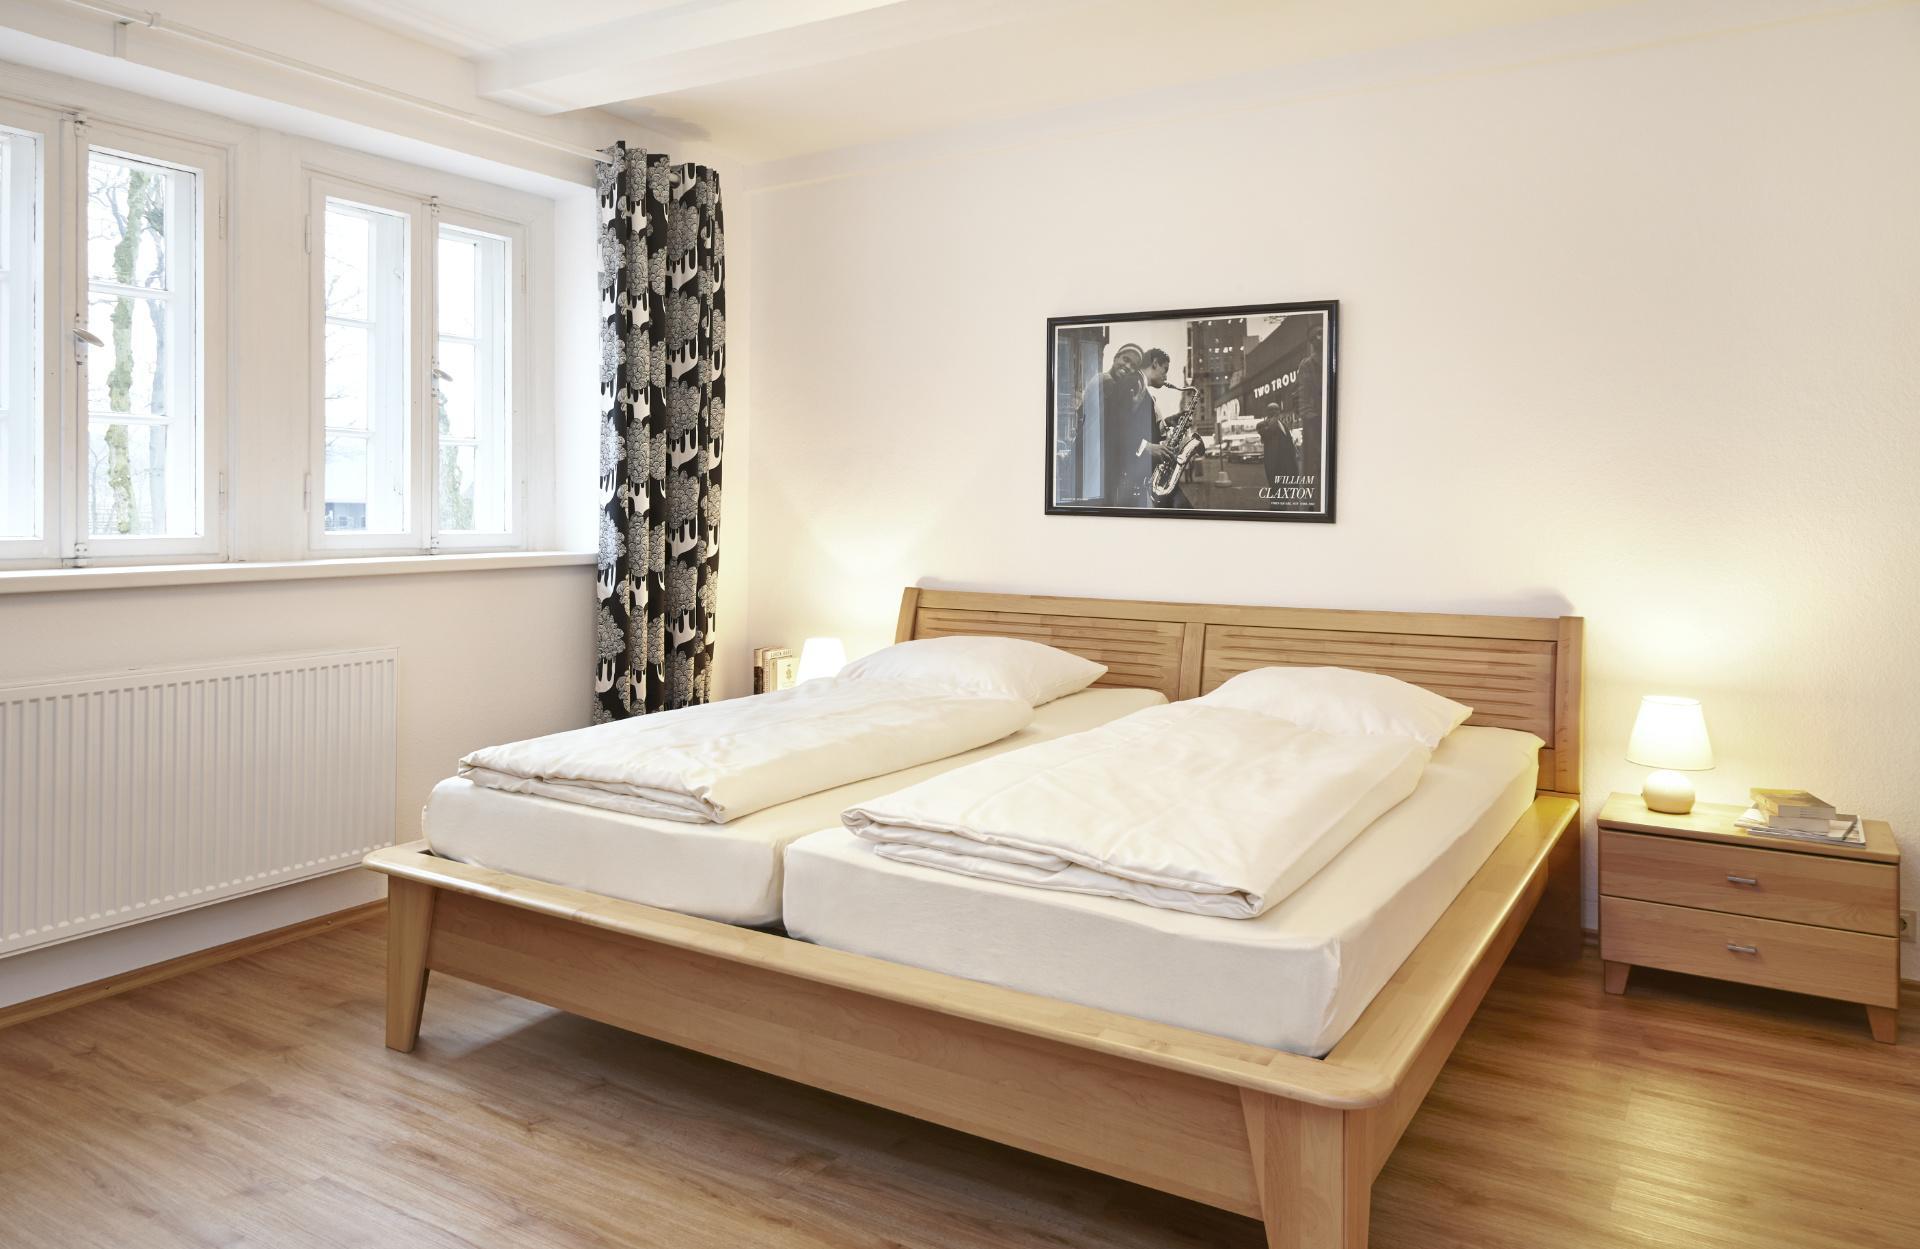 App. 9 - Schlafzimmer